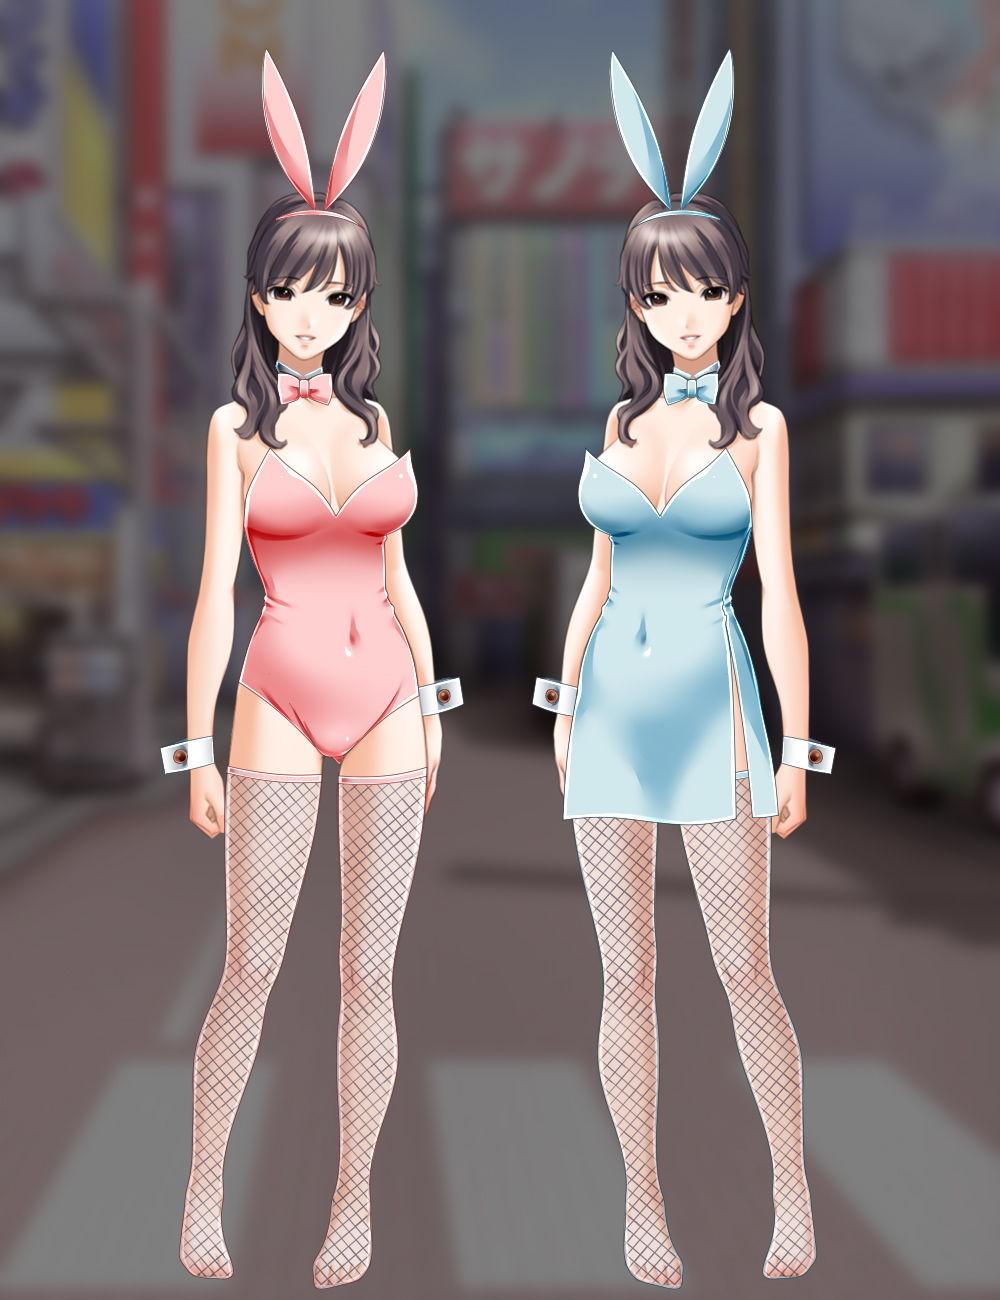 【ワンピース 同人】佐野俊英があなたの専用原画マンになります衣装素材集B-バニーガール-